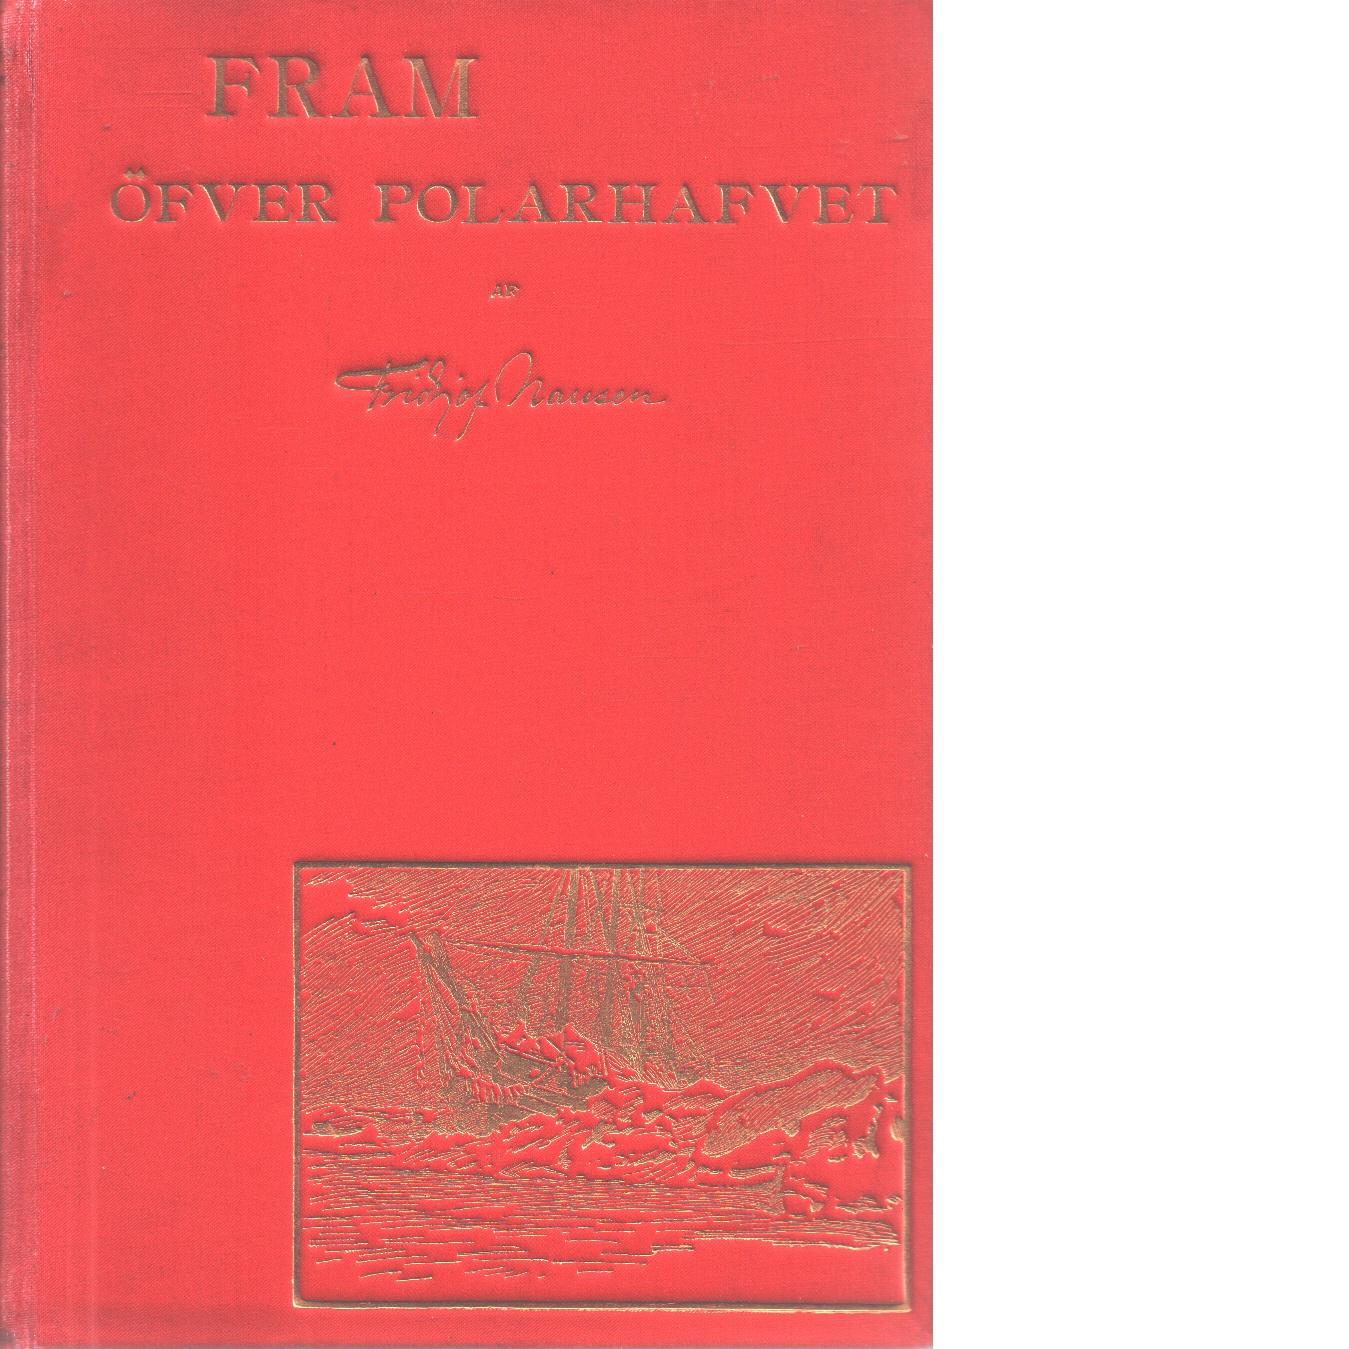 Fram öfver Polarhafvet : Den nordiska polarfärden 1893-96 - Nansen, Fridtjof